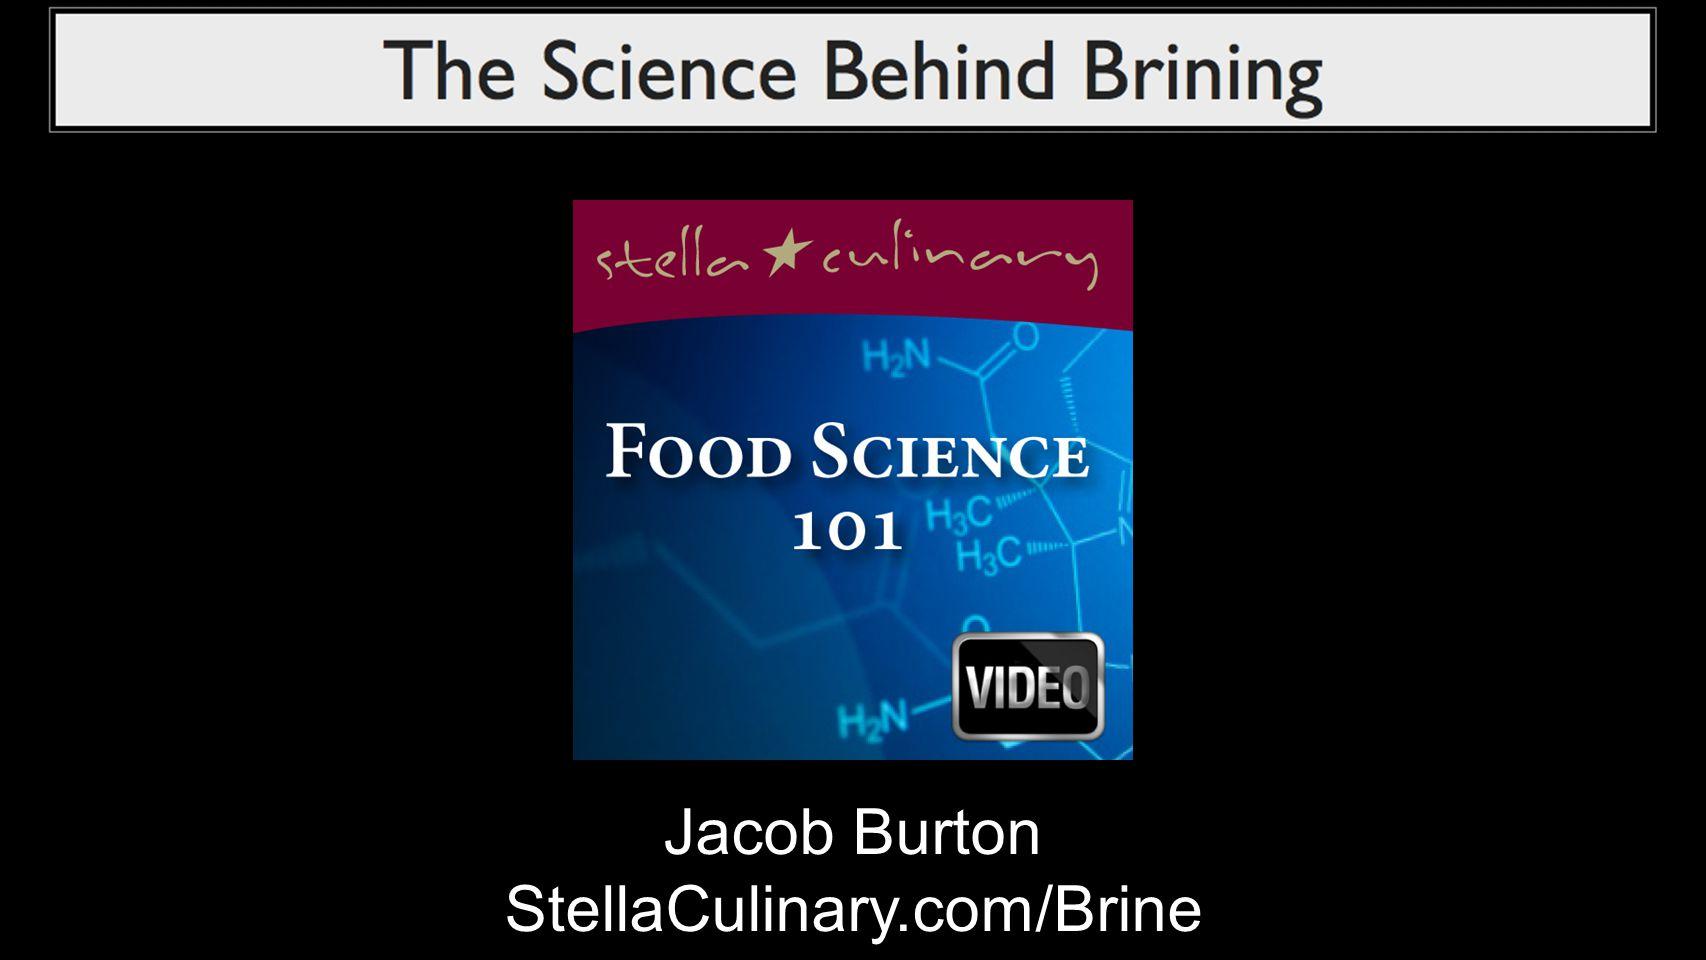 Jacob Burton StellaCulinary.com/Brine